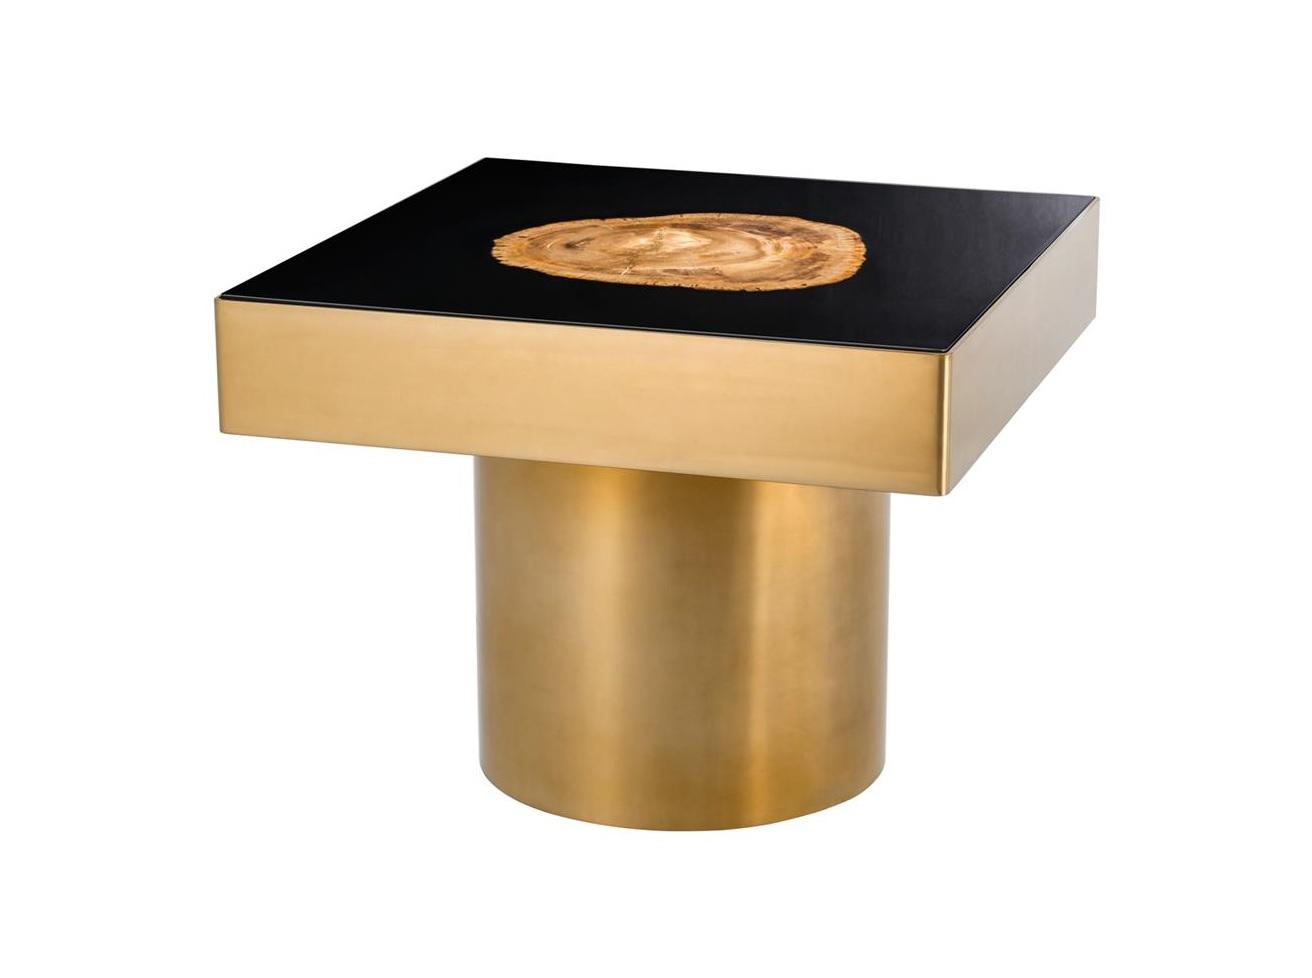 Столик VilliersЖурнальные столики<br>Столик на металлическом основании матового золотого цвета. Оригинальная столешница из окаменелой породы древесины. Каждый элемент окаменевшего дерева является уникальным, вы не найдете двух одинаковых столешниц по цвету или форме. Поверхность стола черная глянцевая.<br><br>Material: Дерево<br>Ширина см: 65<br>Высота см: 55<br>Глубина см: 65